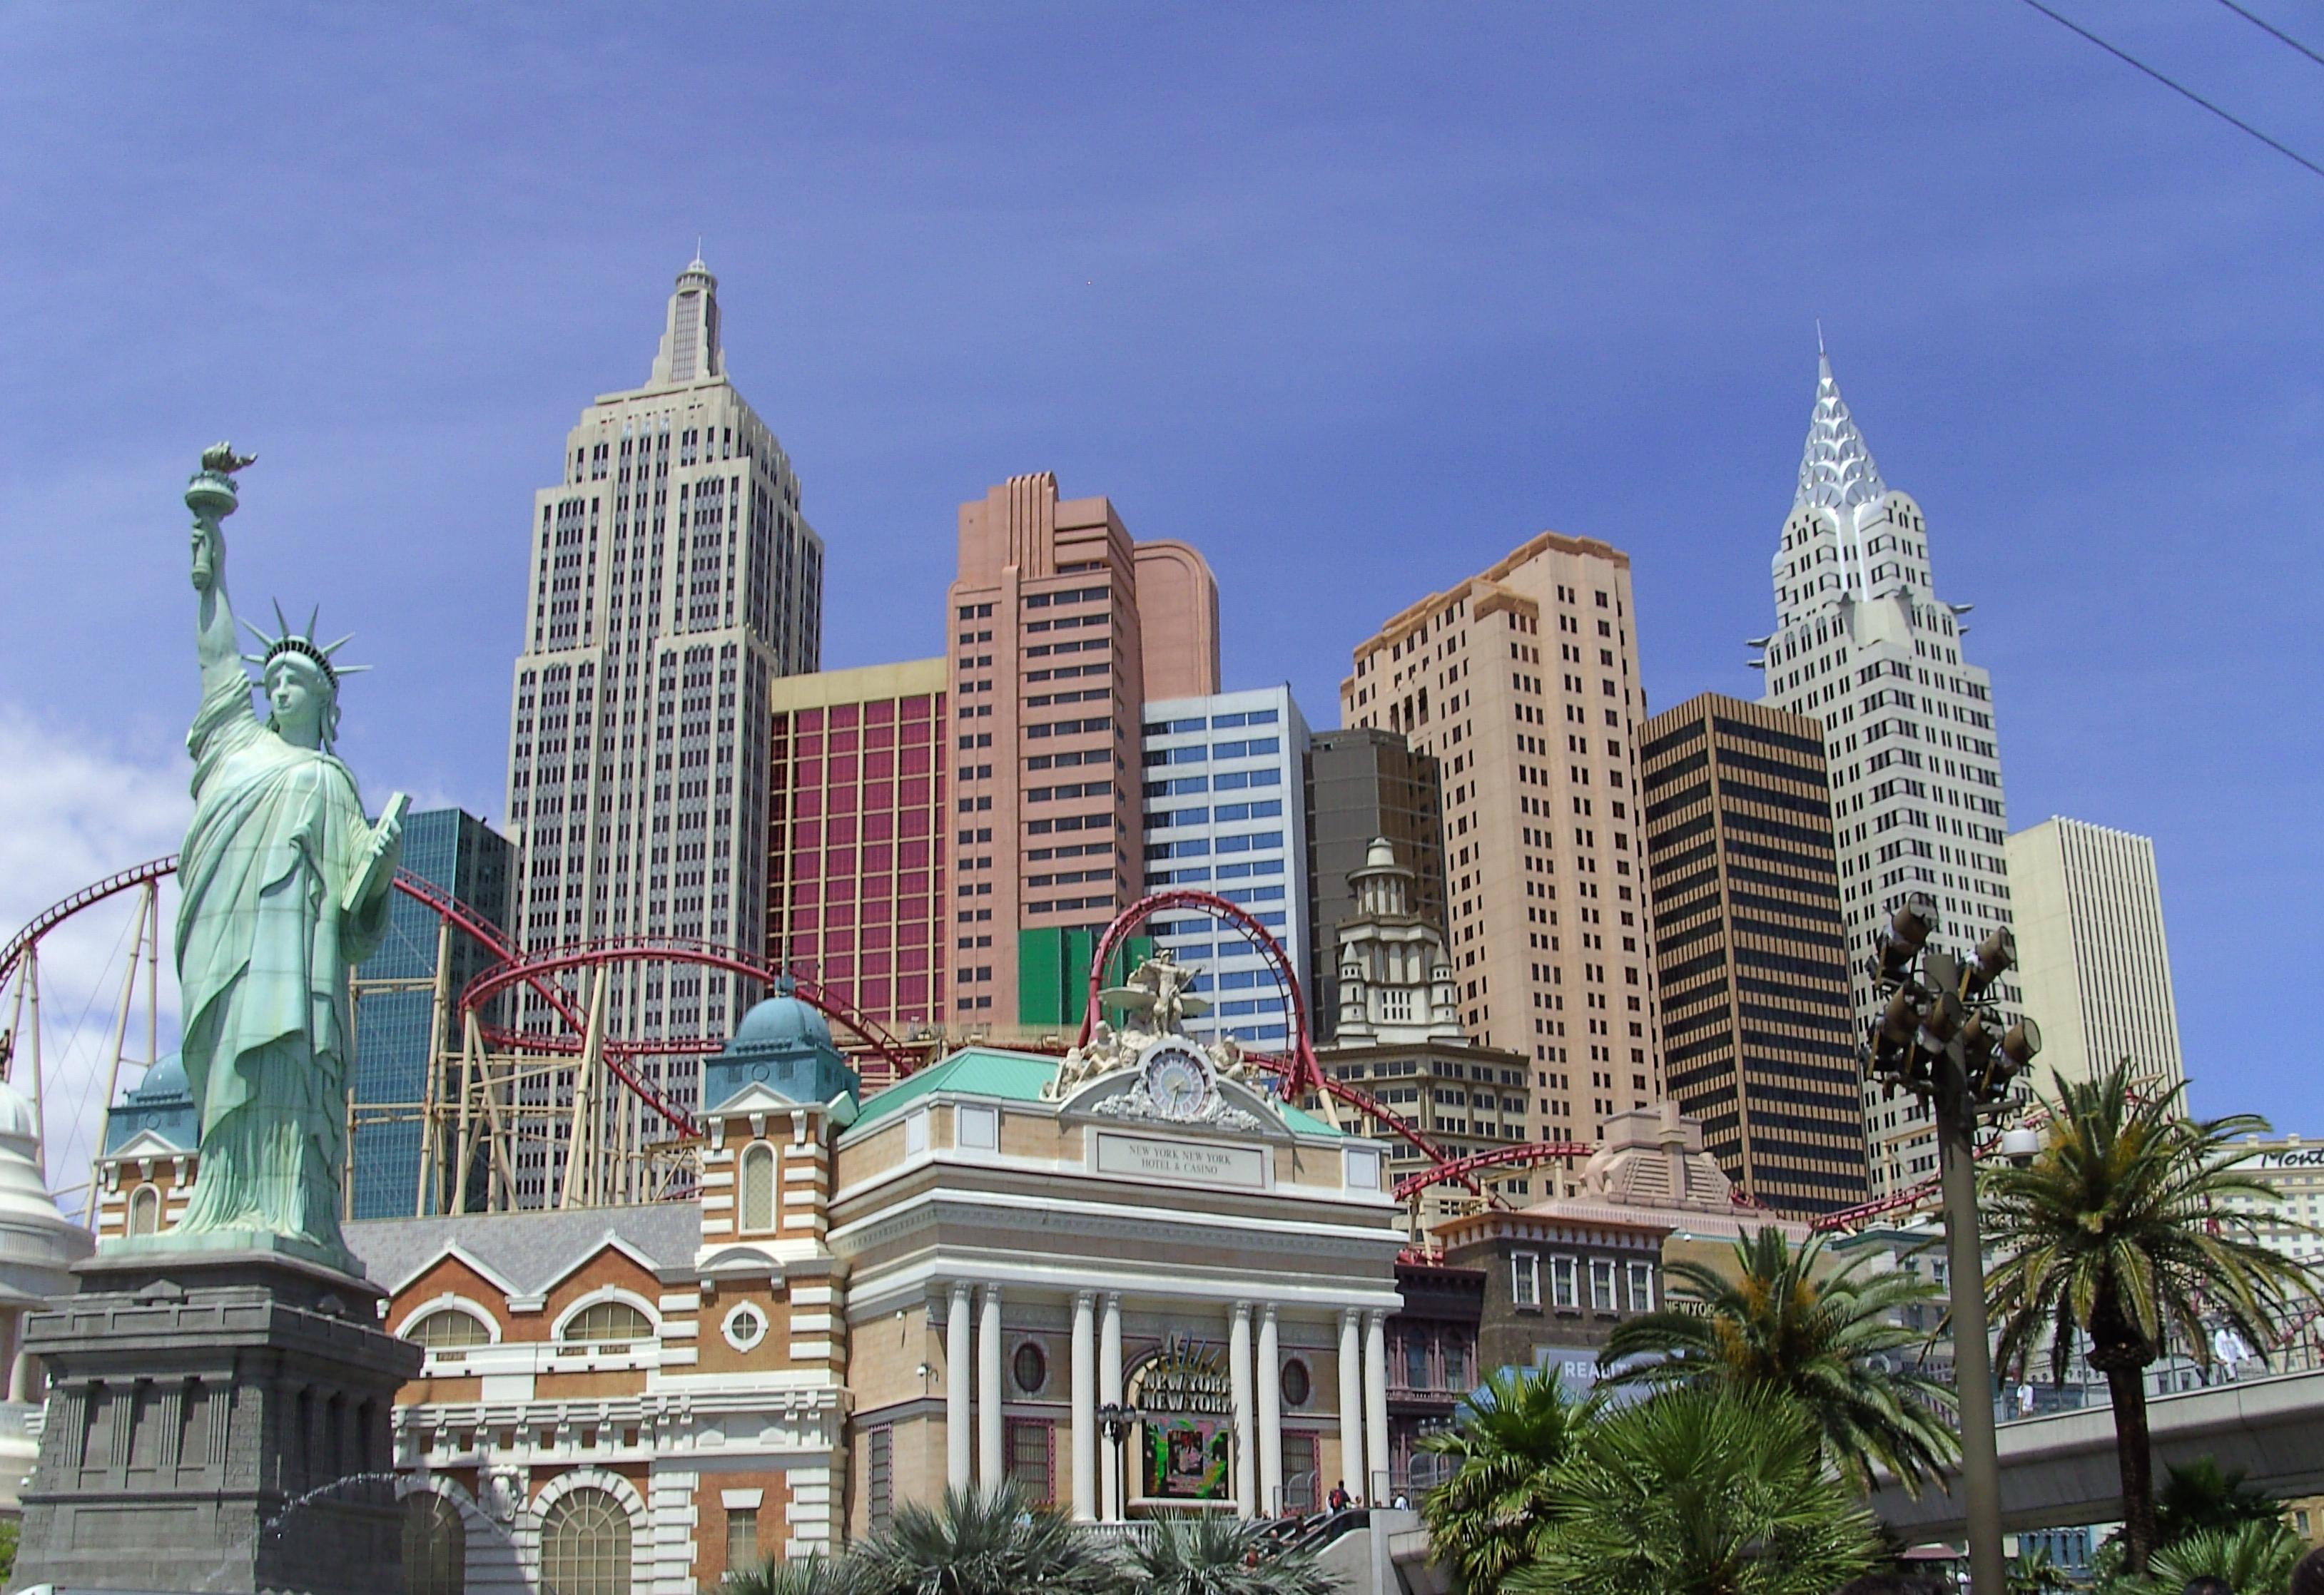 Hotel New York Travel Inn